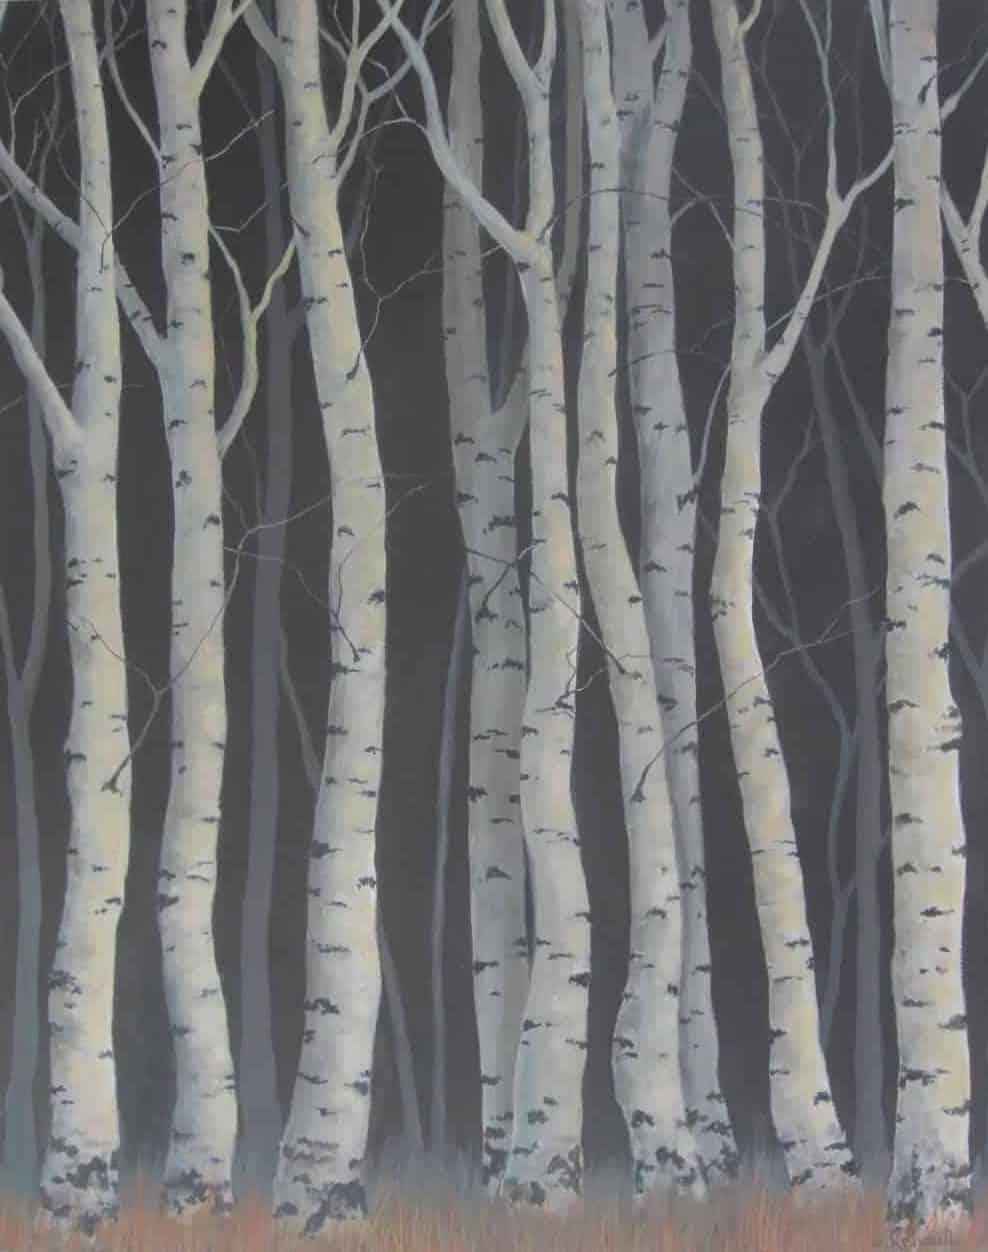 Silver birches Image